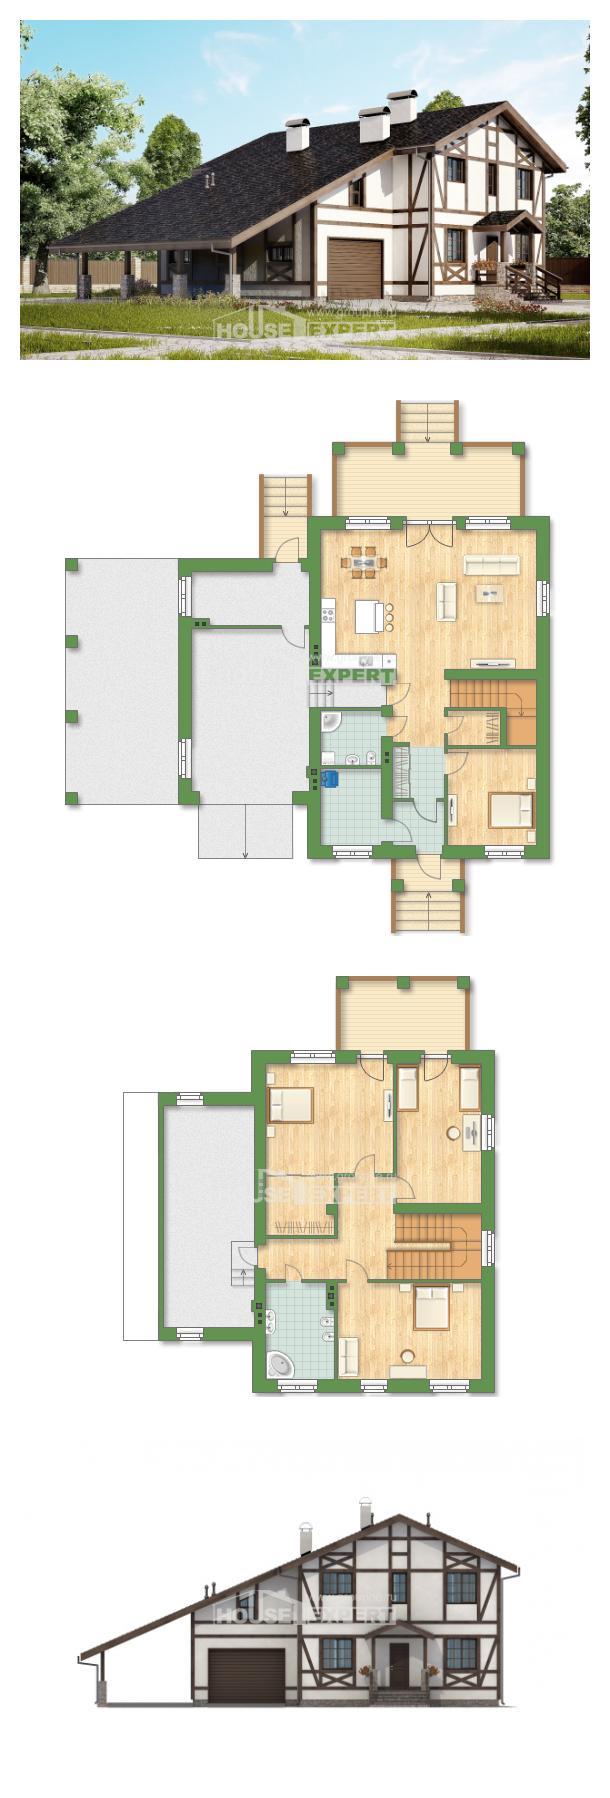 Plan 250-002-L | House Expert